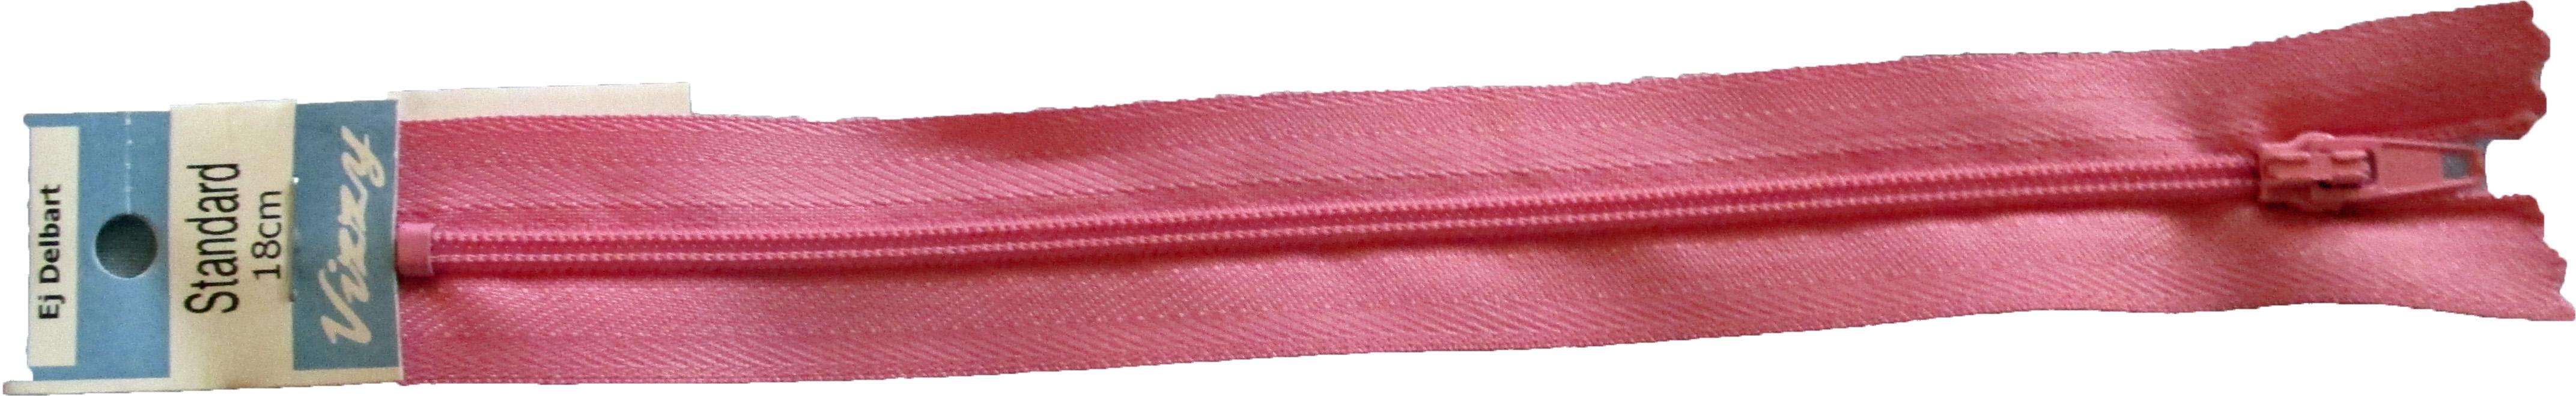 Blixtlås 18 mm Rosa